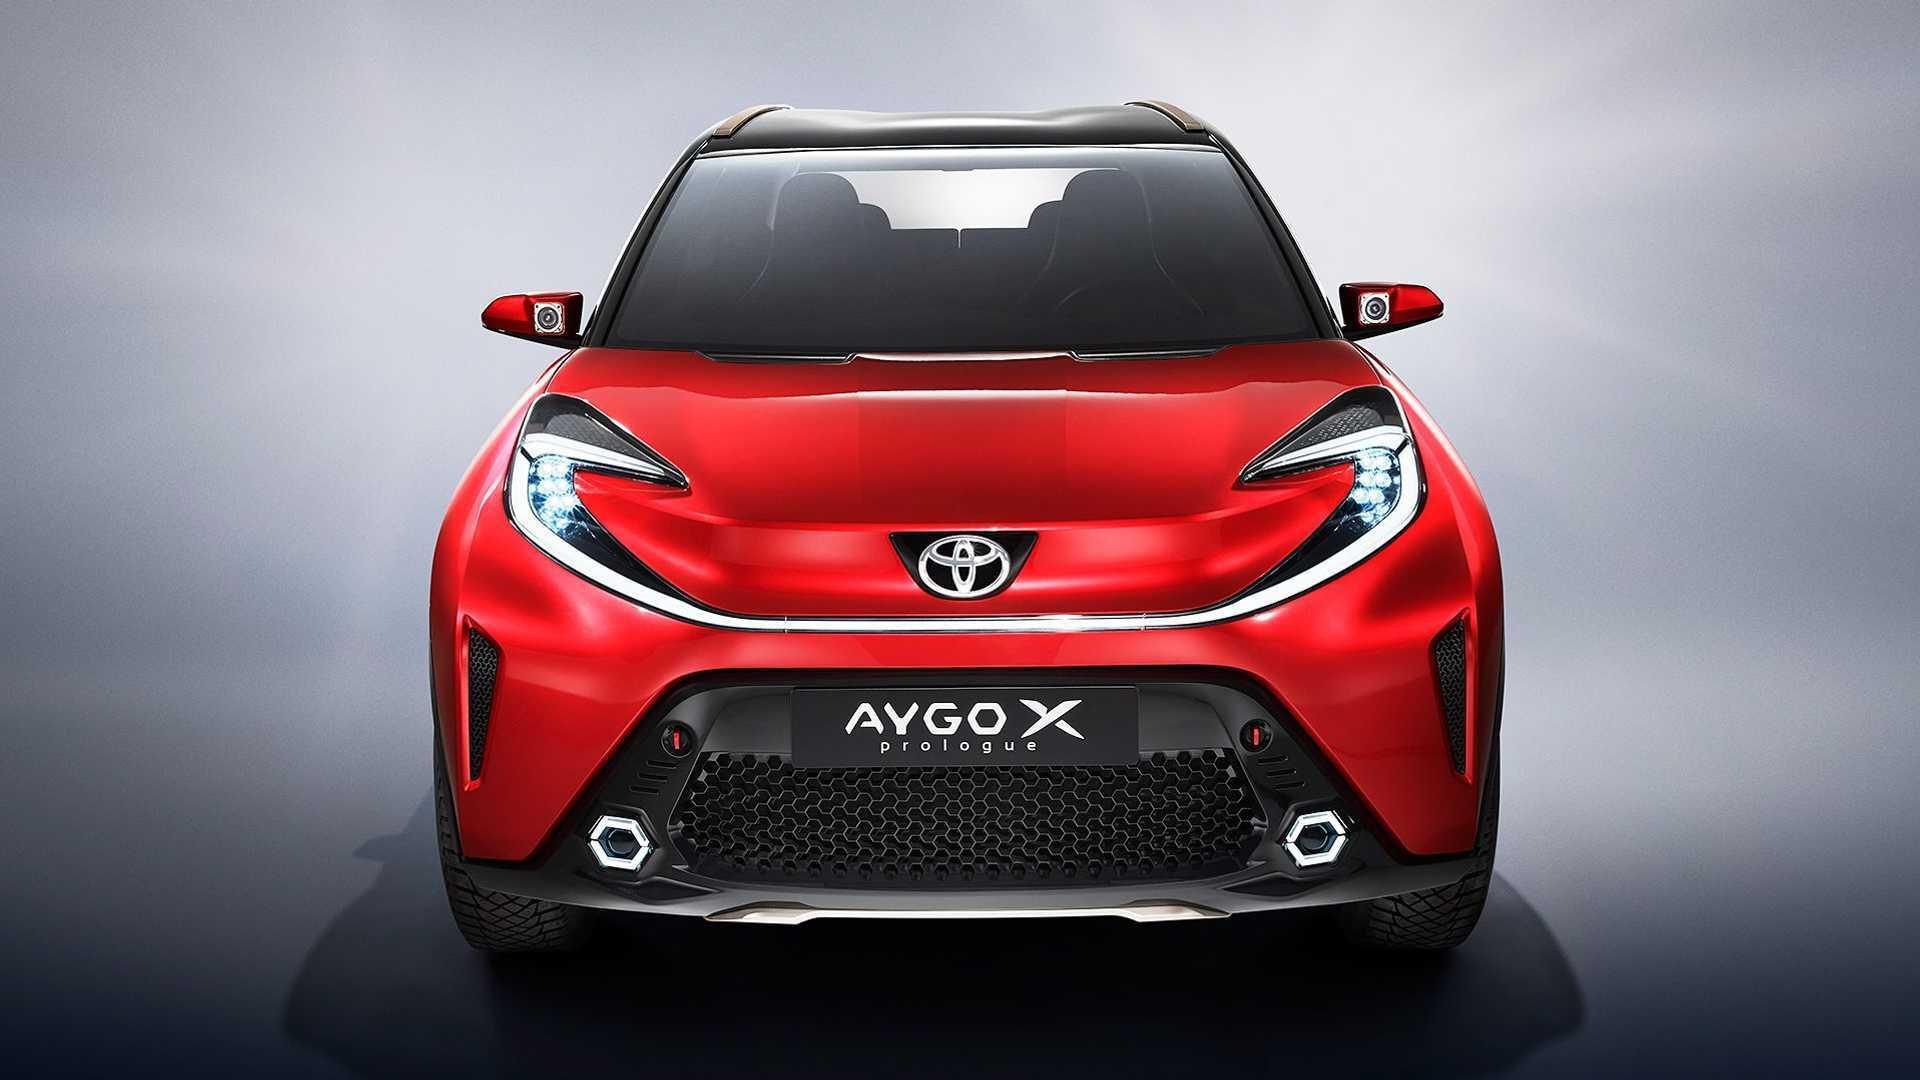 خودروی Toyota Aygo X Prologue با رنگی زیبا در خیابان دیده شد